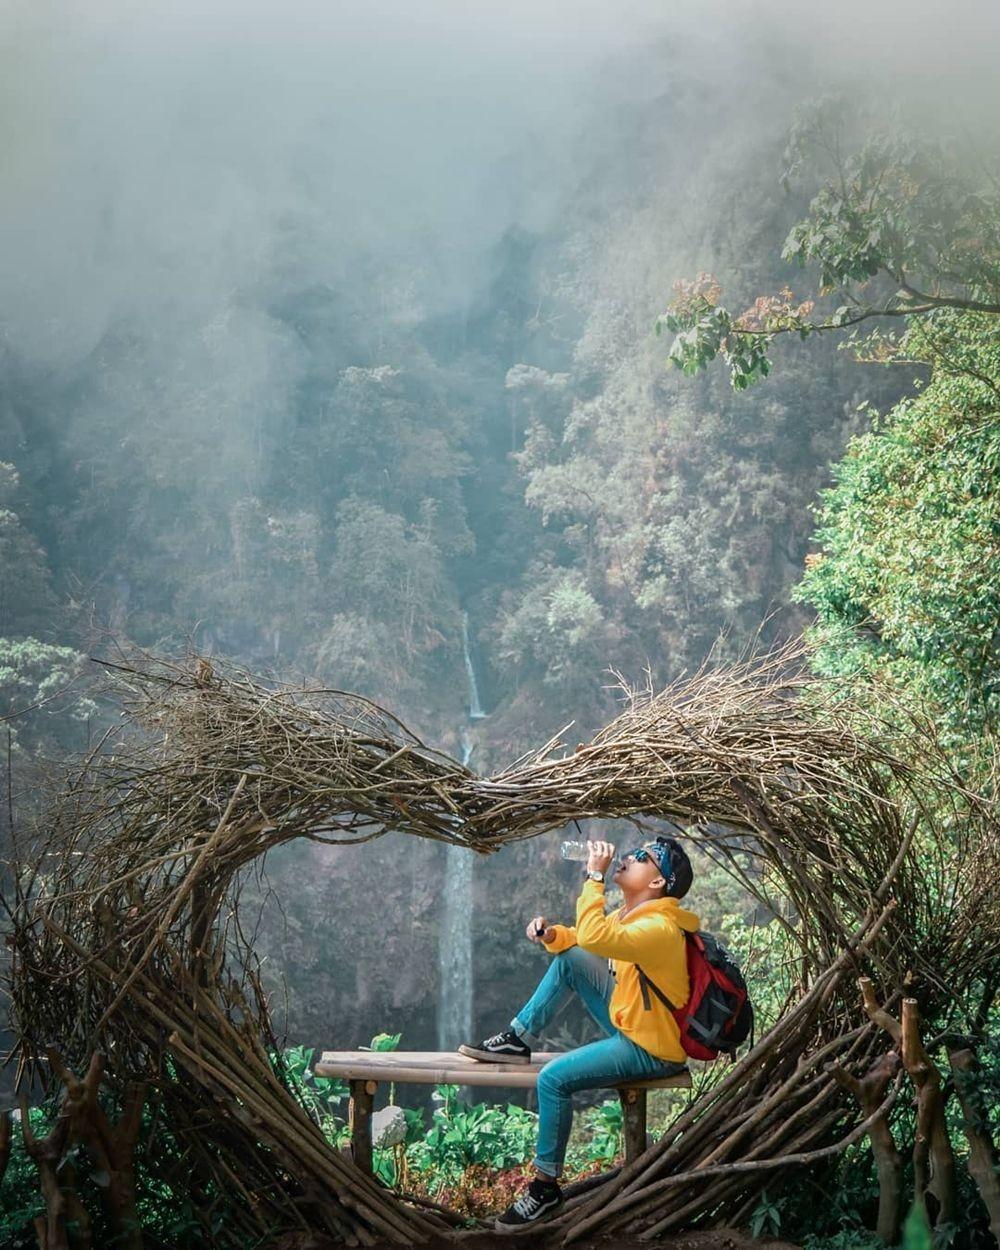 5 Air Terjun di Jawa Timur dengan Gardu Pandang, Foto Jadi Makin Keren